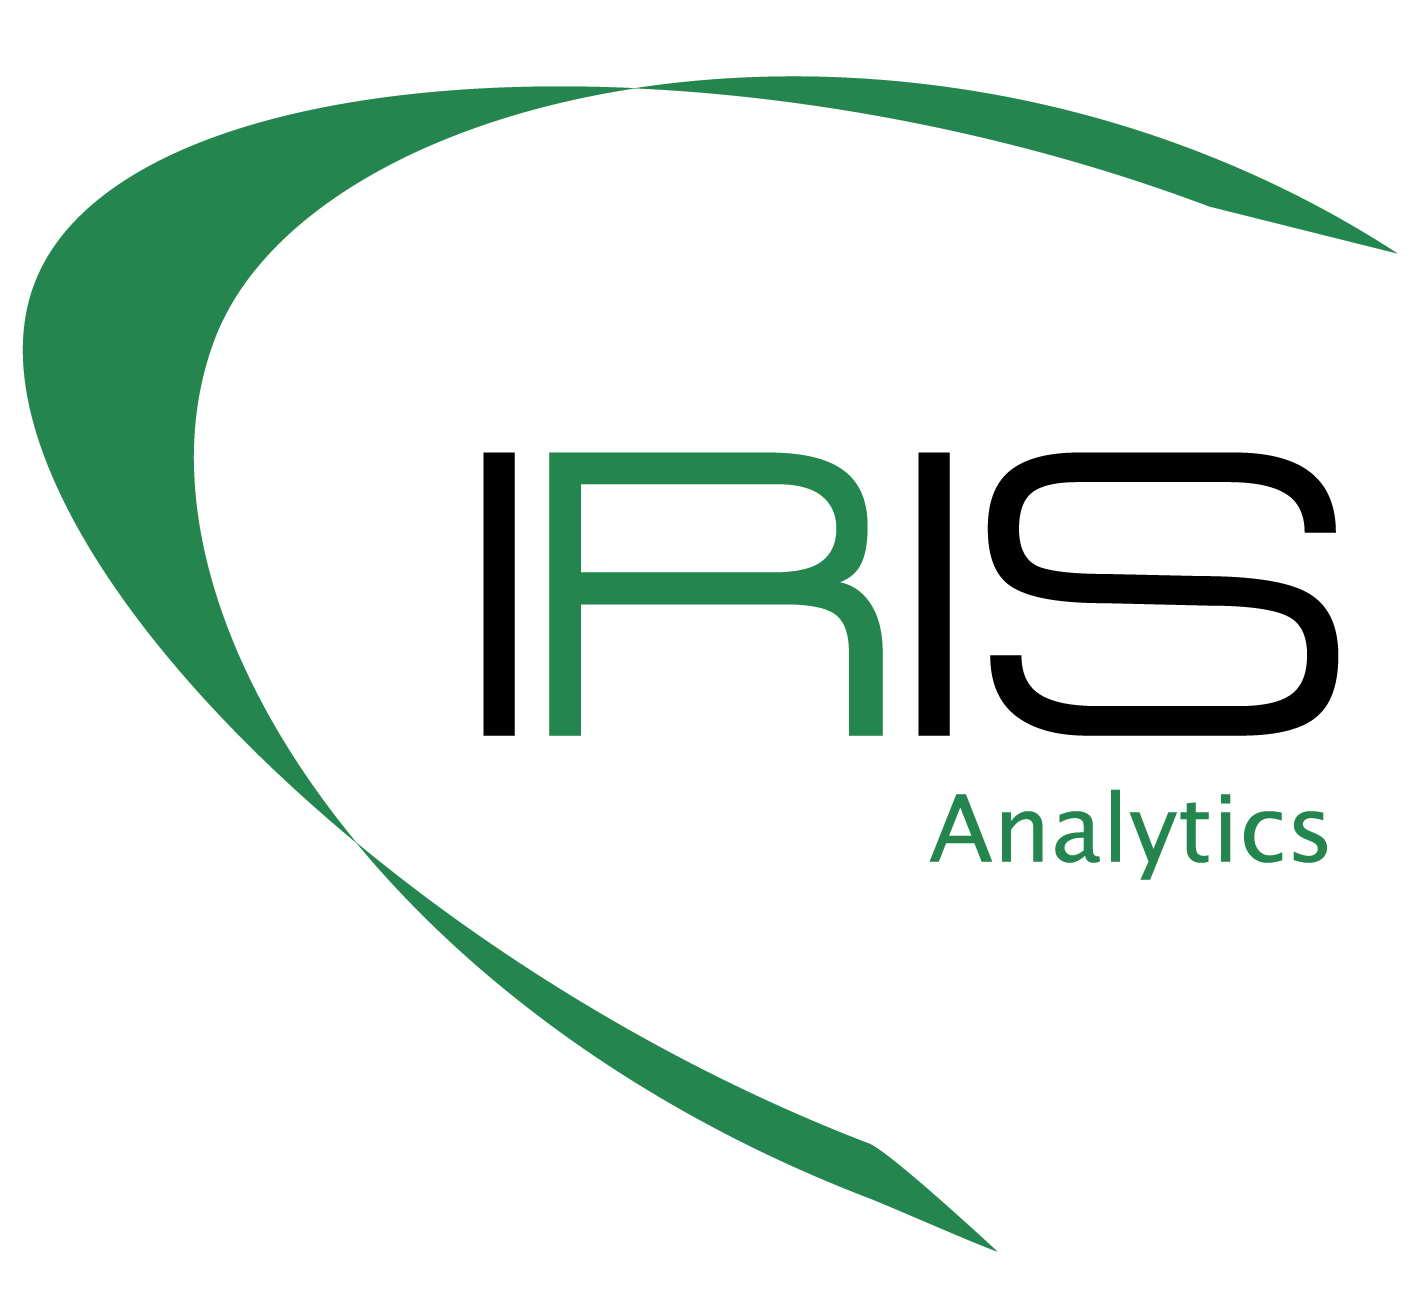 IRIS Analytics